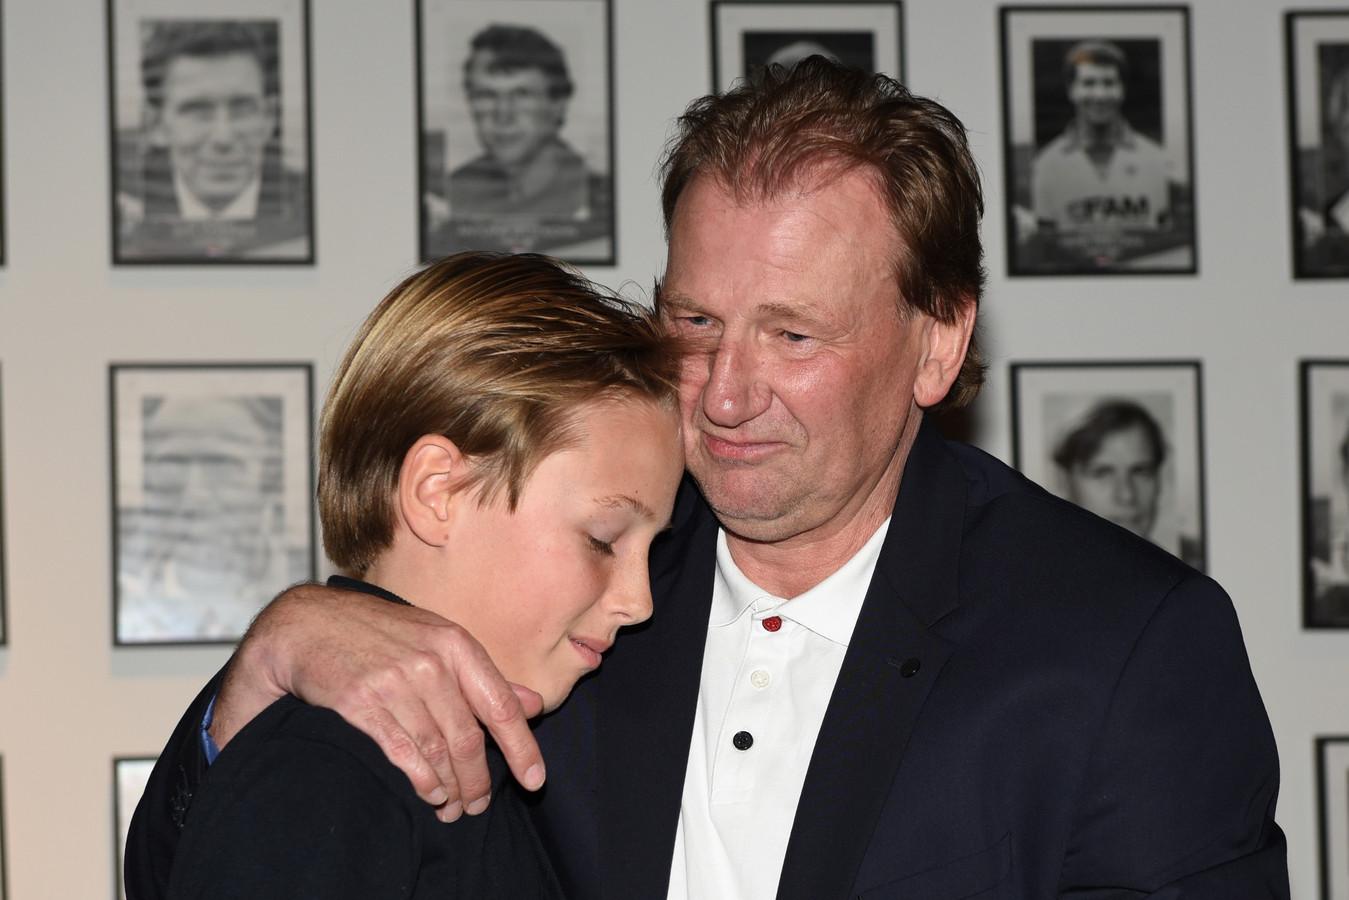 """Michel Boerebach overhandigt zijn zoon Lyns het eerste exemplaar van zijn boek """"Hoi Papa"""". Het zorgt voor een emotioneel moment."""